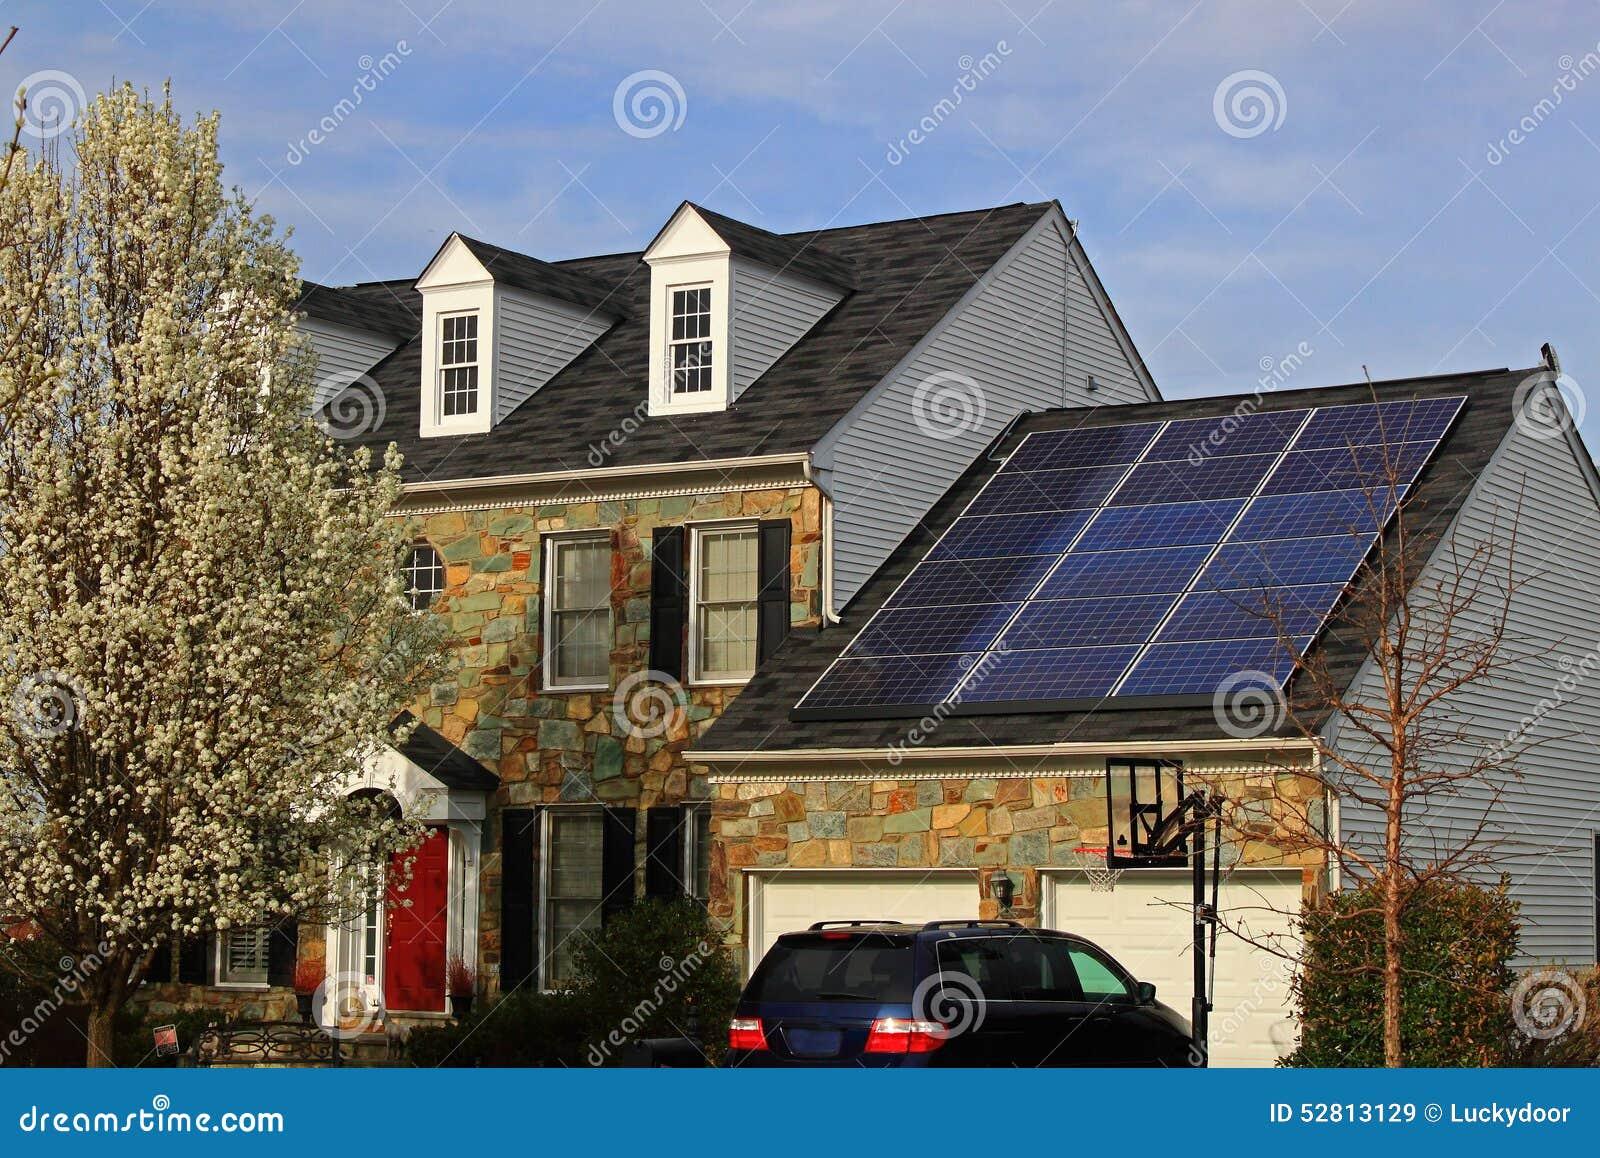 Konzeptbild für alternative Energie, grüne Architektur, Umweltschutz und Einsparungthemen